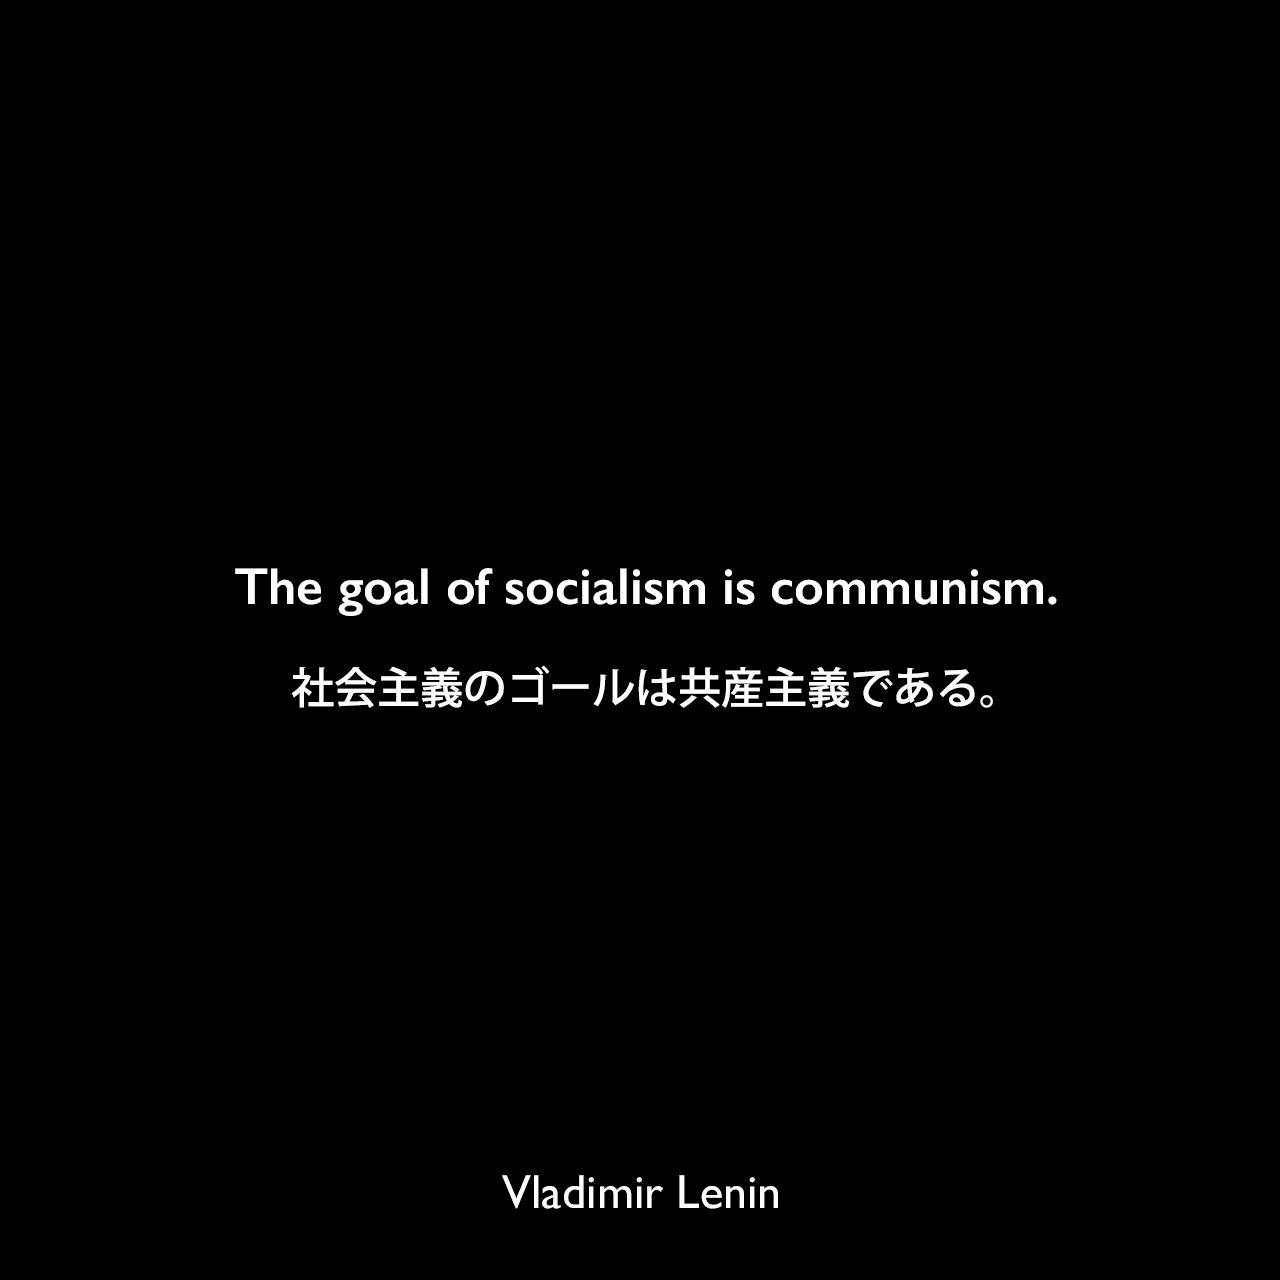 The goal of socialism is communism.社会主義のゴールは共産主義である。Vladimir Lenin